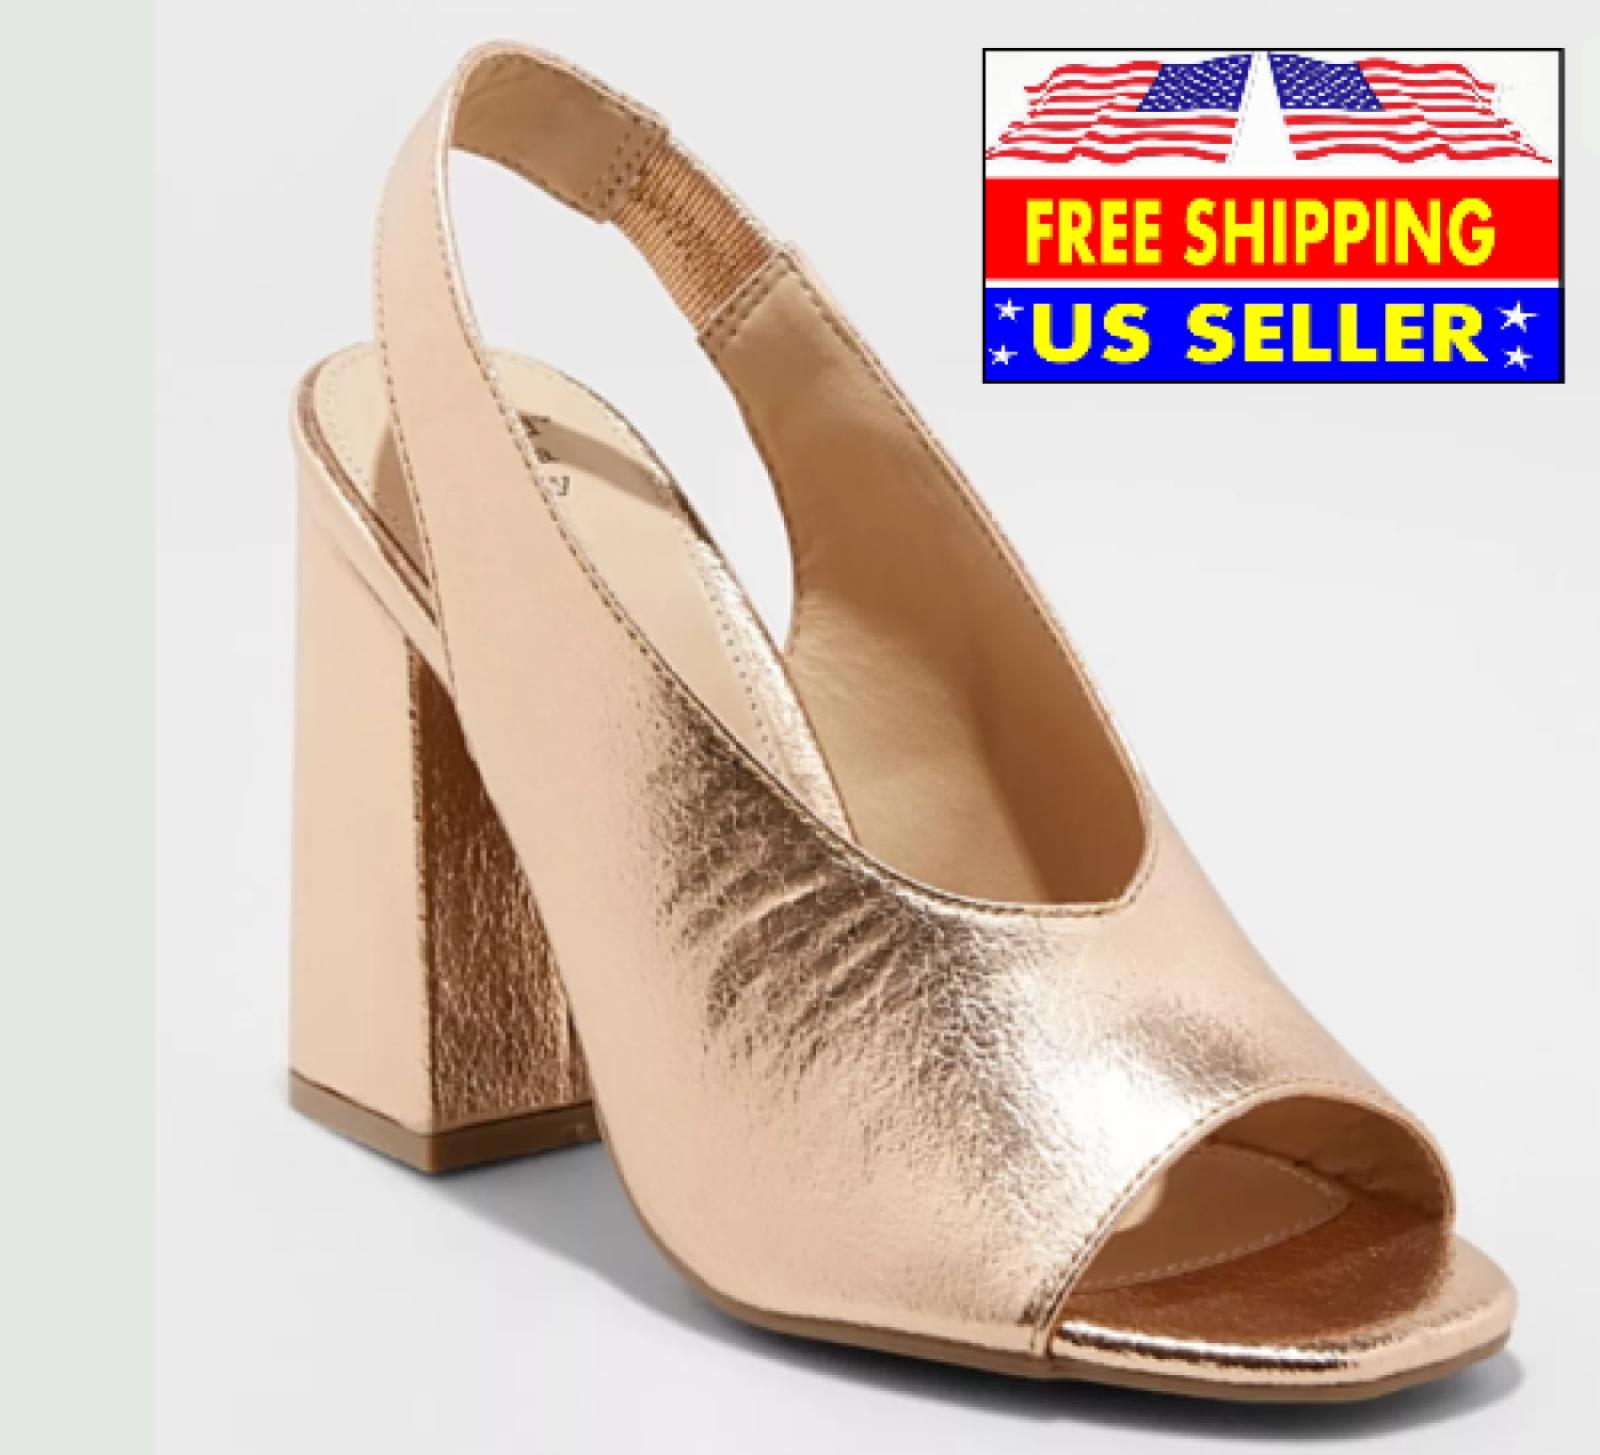 * Un nouveau jour Valerie or rose Pompe Talons Hauts Métallique Chaussures Bout Ouvert